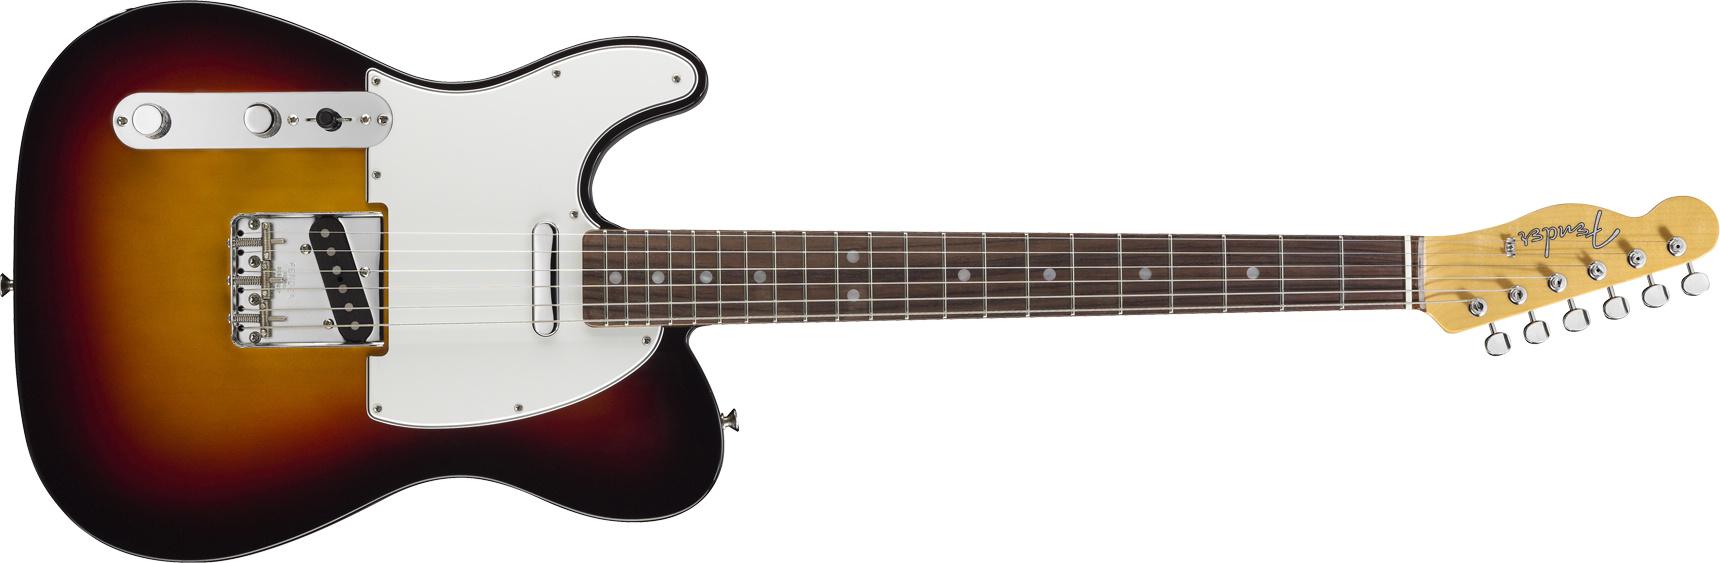 电吉他设计来提高当时靠音箱发声的空心电吉他的声音